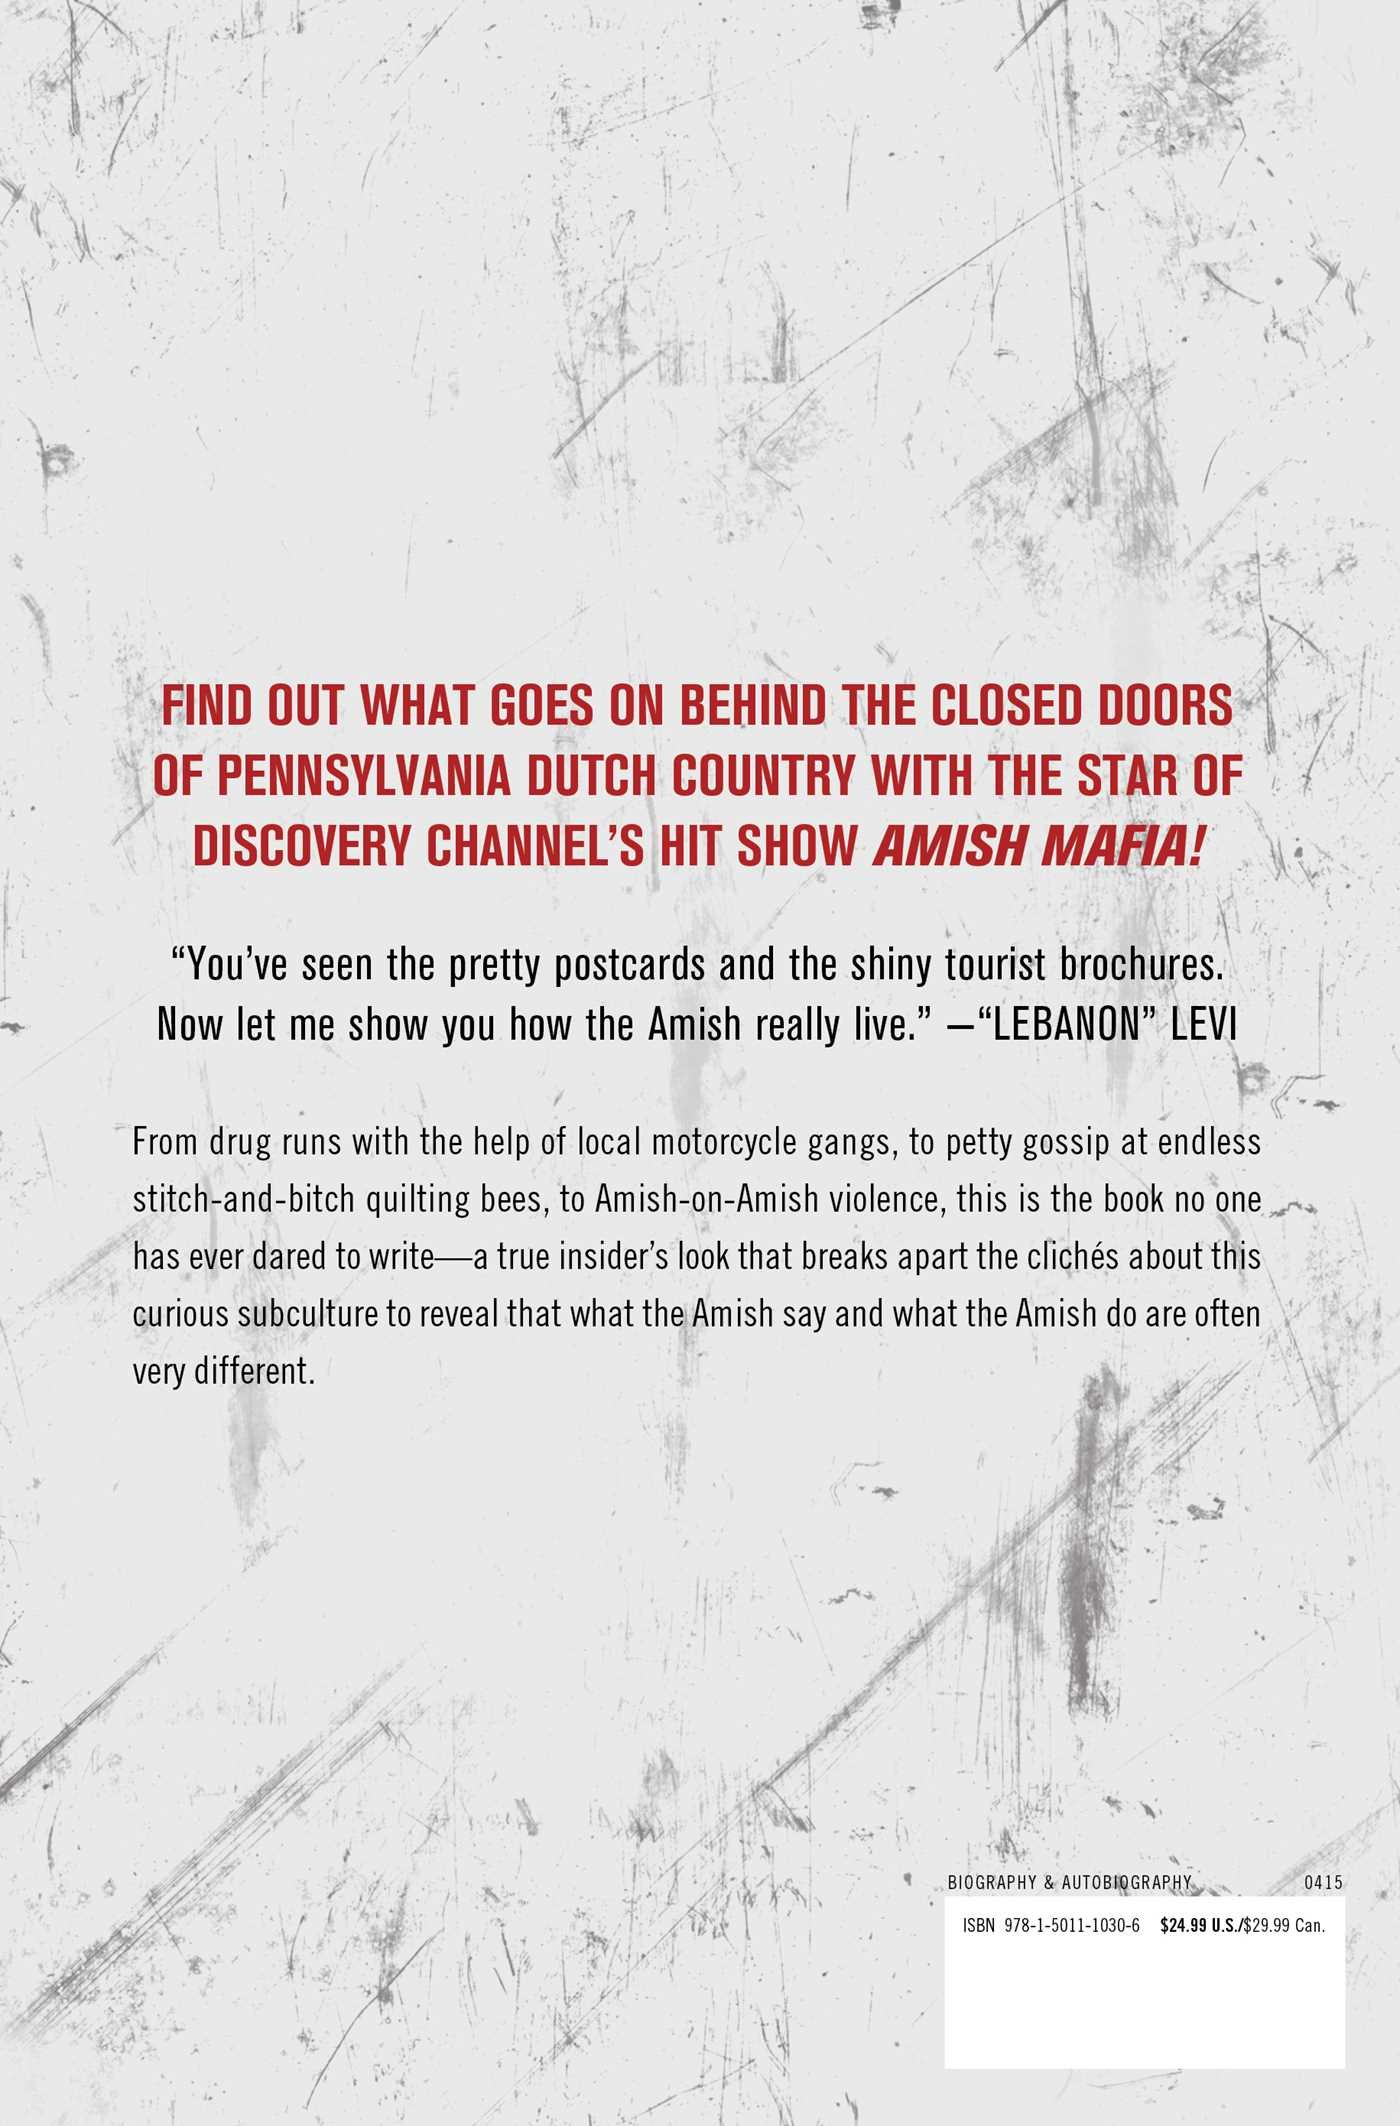 amish confidential levi stoltzfus ellis henican amish confidential levi stoltzfus ellis henican 9781501110306 books ca